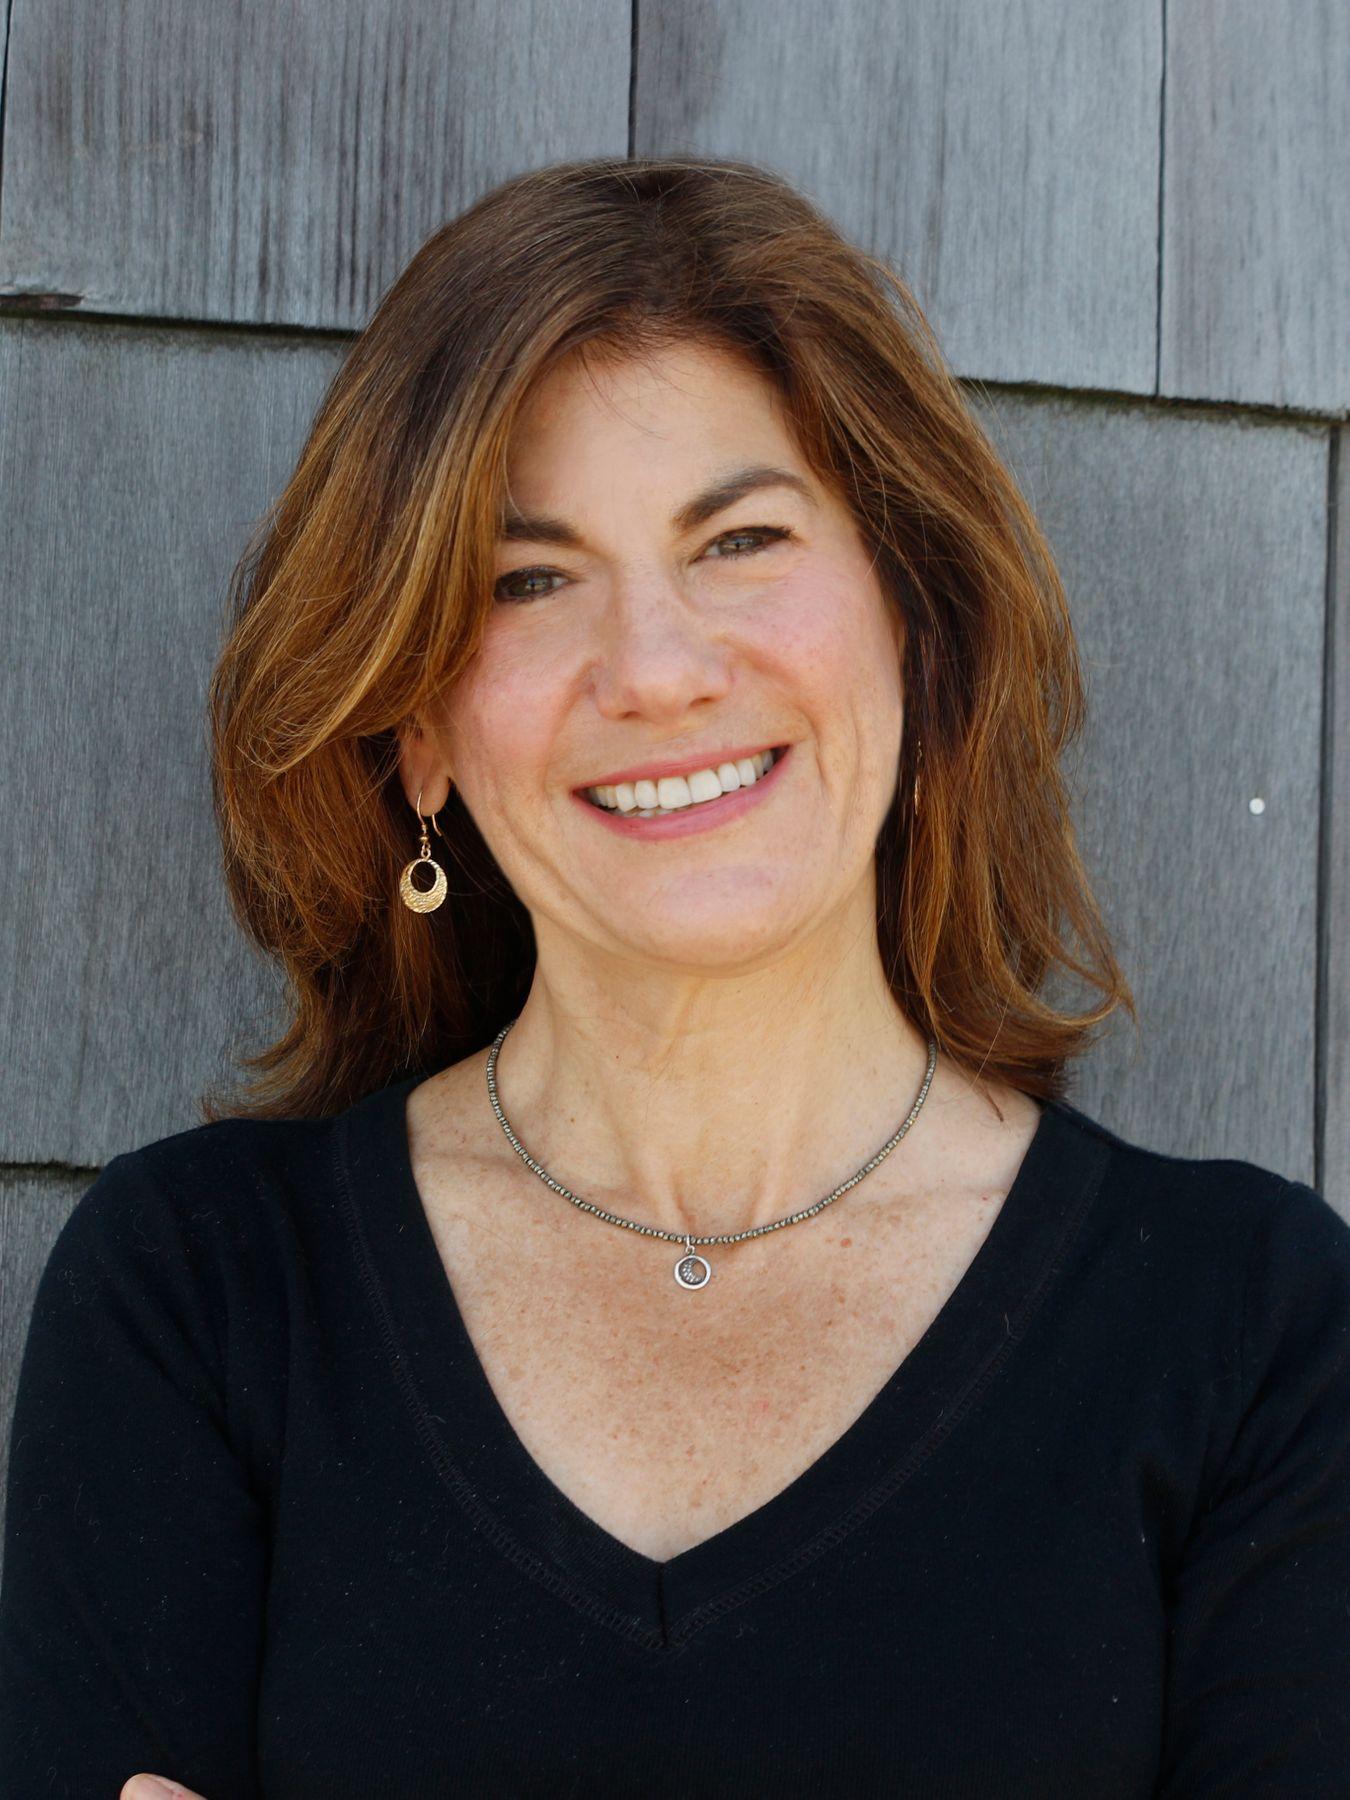 Leslie Reingold